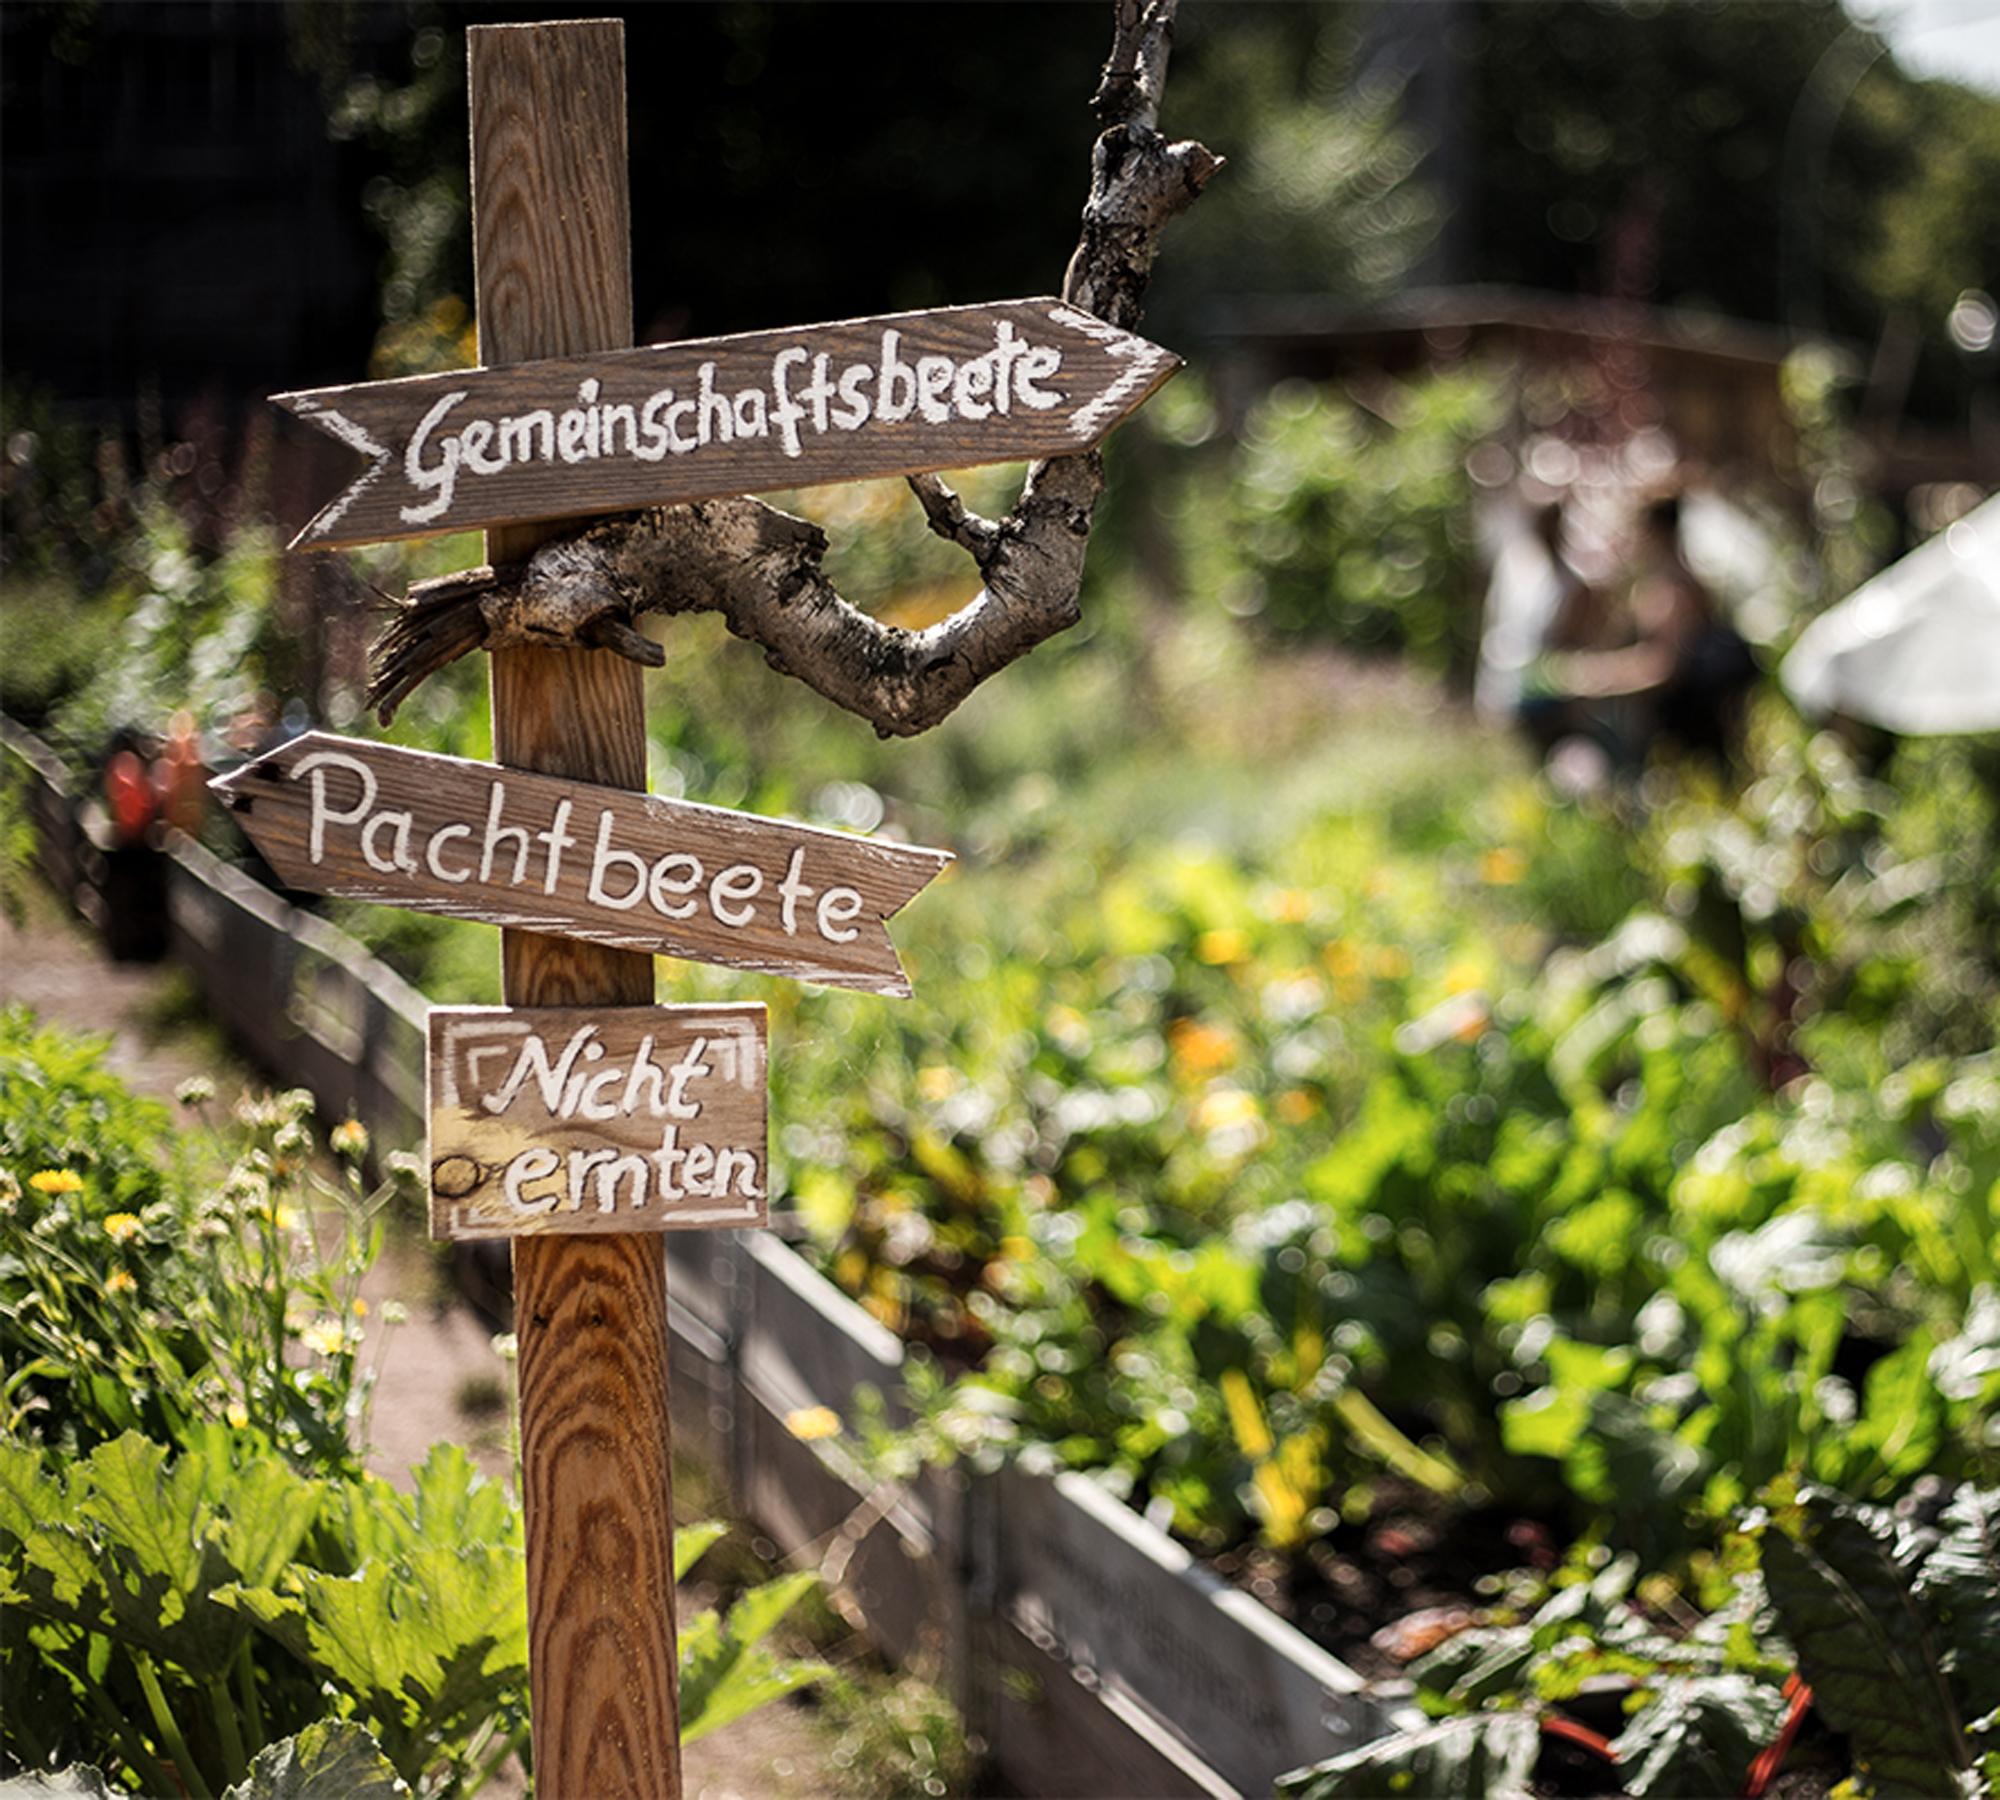 Das erste Oktober-Wochenende mit Herbstfest im Himmelbeet // HIMBEER